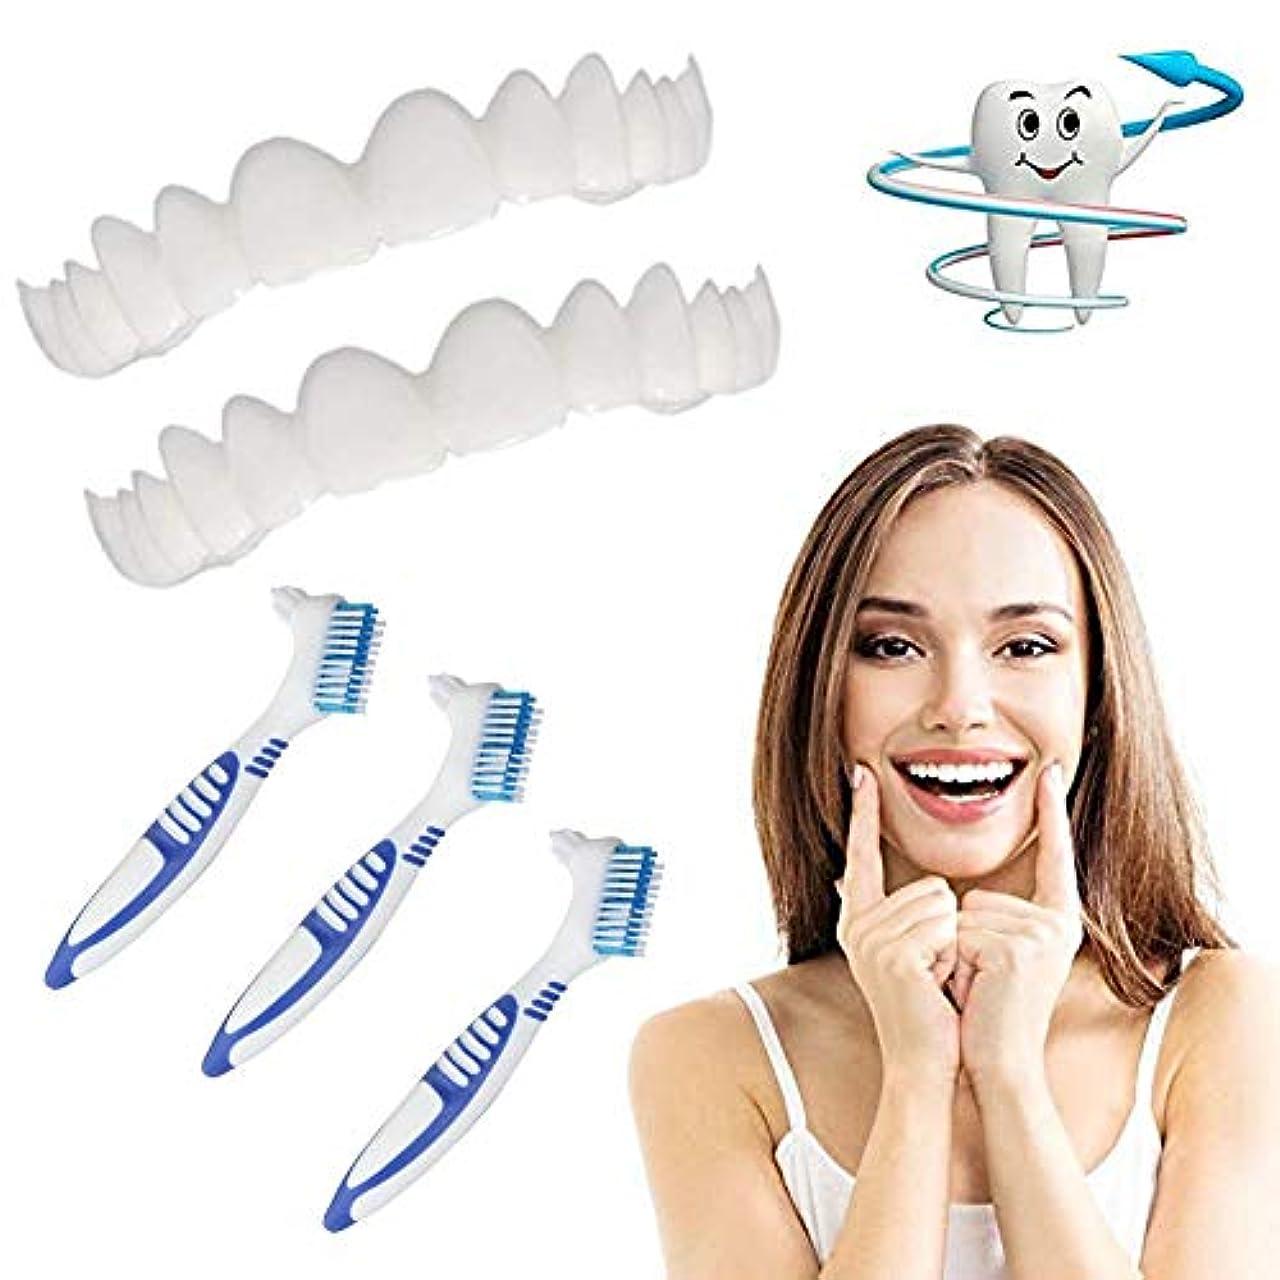 上に投獄重要3pcsの大人のスナップ下の歯のパーフェクトスマイルホワイトニング義歯フィットフレックス化粧歯快適なベニヤカバーデンタルケアアクセサリー